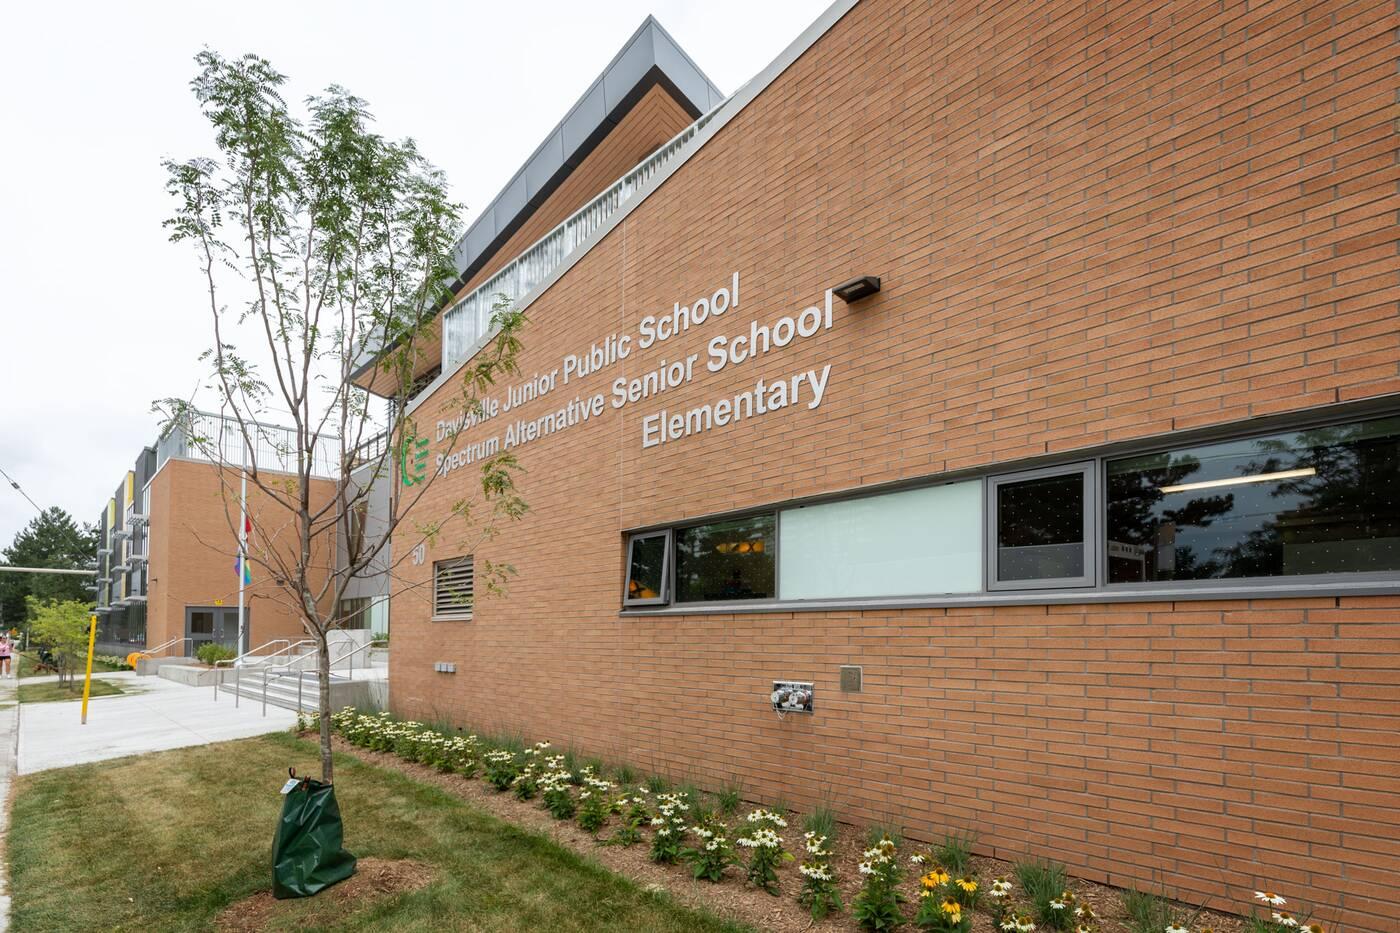 davisville school toronto